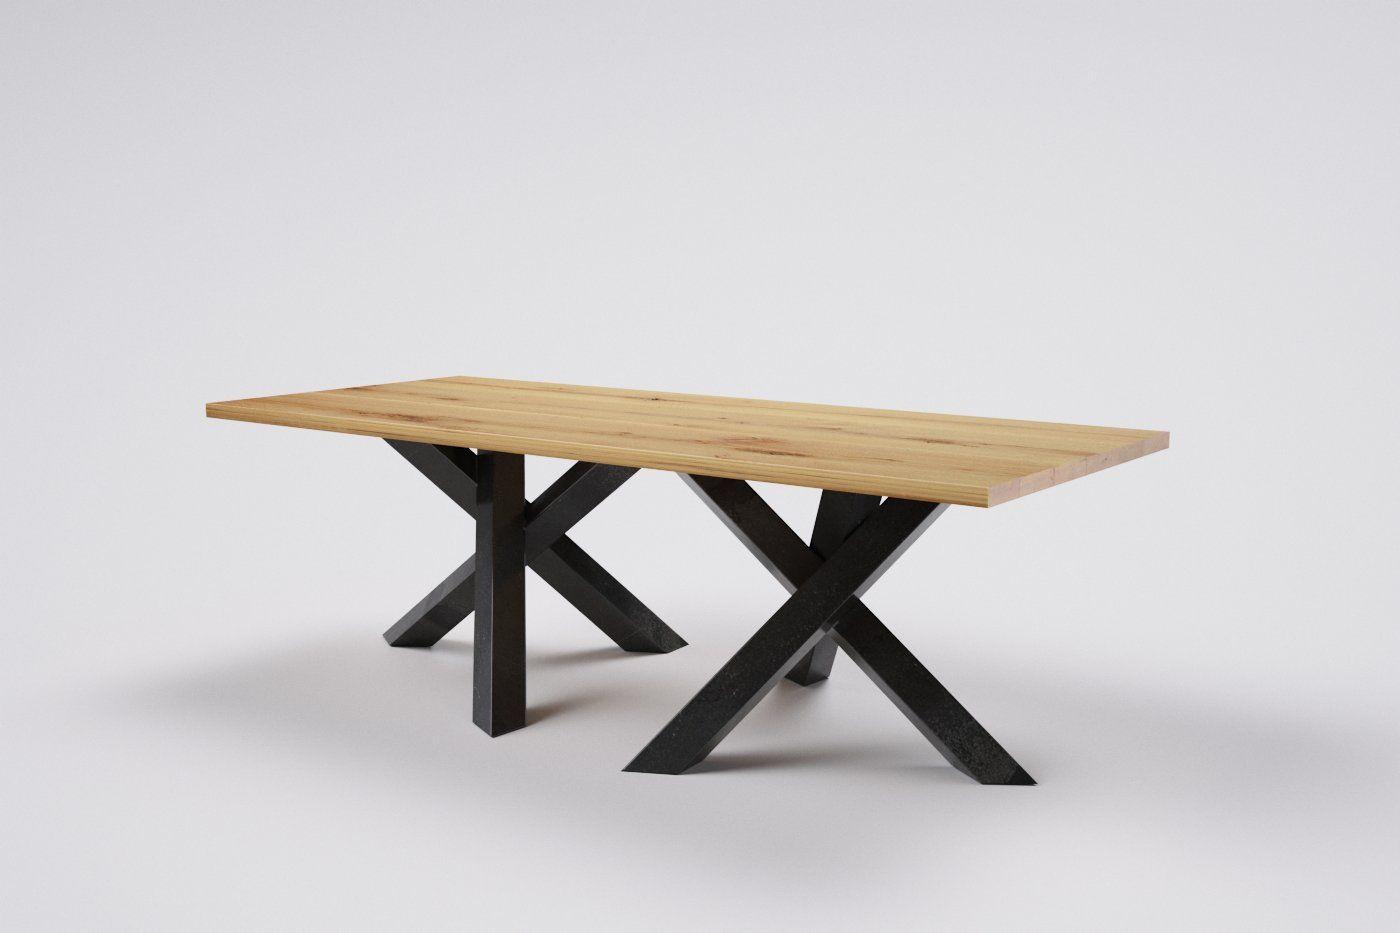 Edler Holztisch Aus Massiver Eiche Eignet Sich Wunderbar Als Esstisch |  Jetzt Auf Maß Gestalten Und